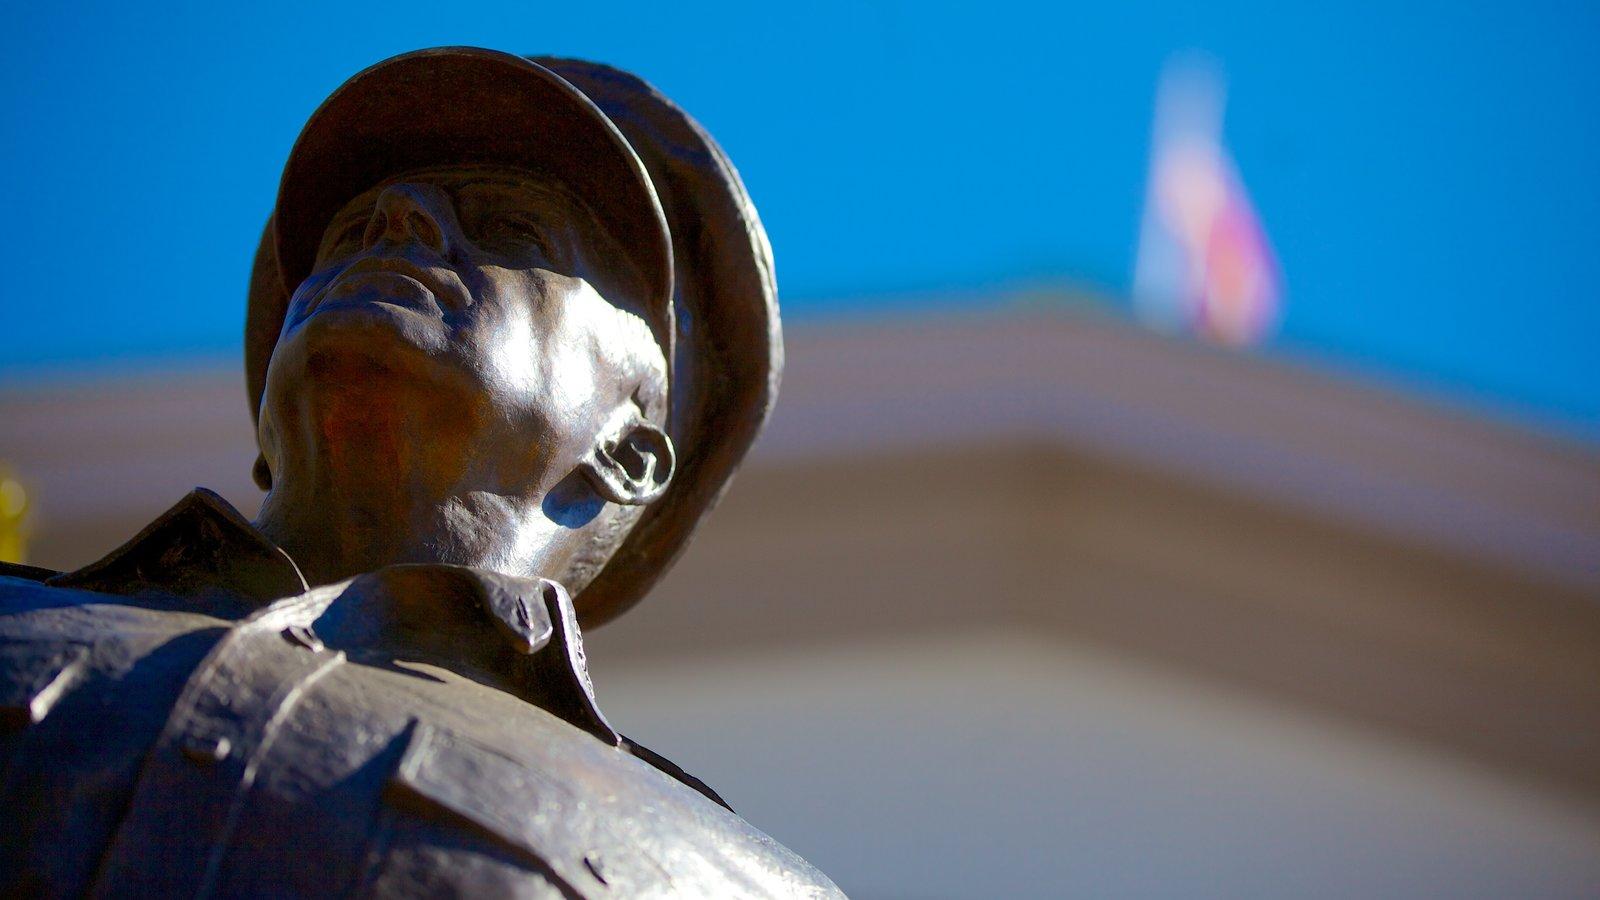 Douglas MacArthur Memorial que inclui um memorial e uma estátua ou escultura